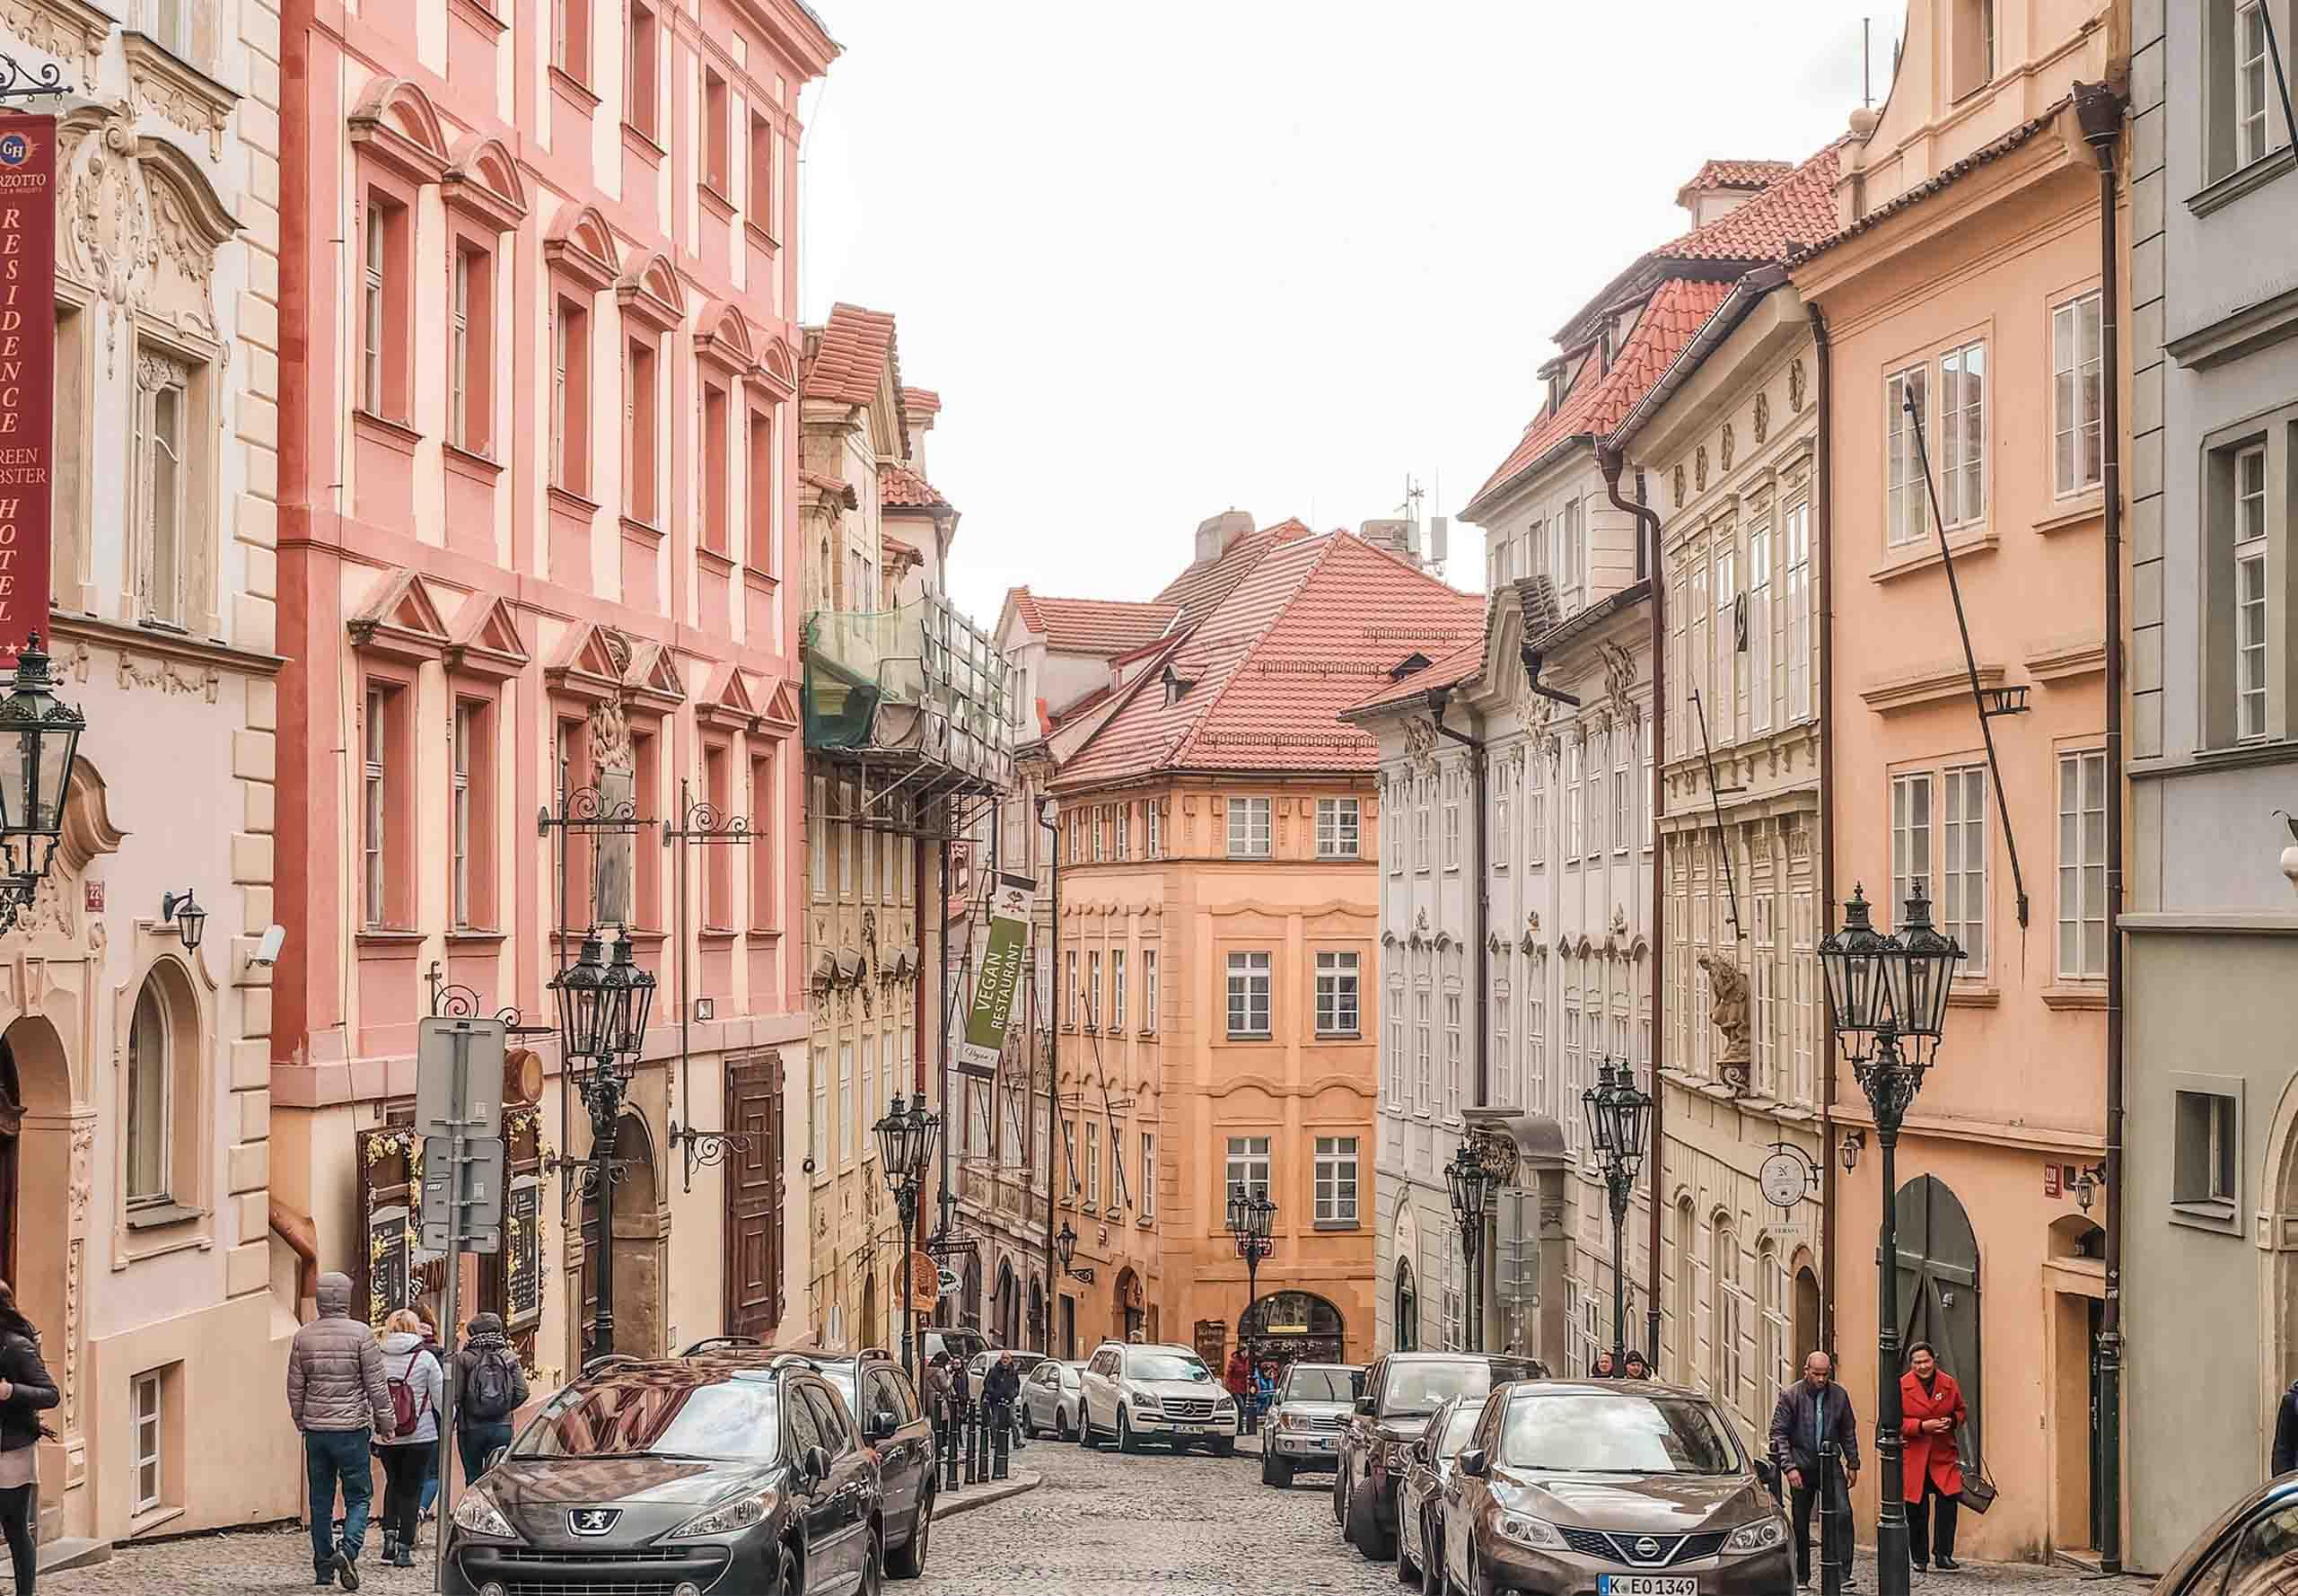 stedentrip met de trein Praag